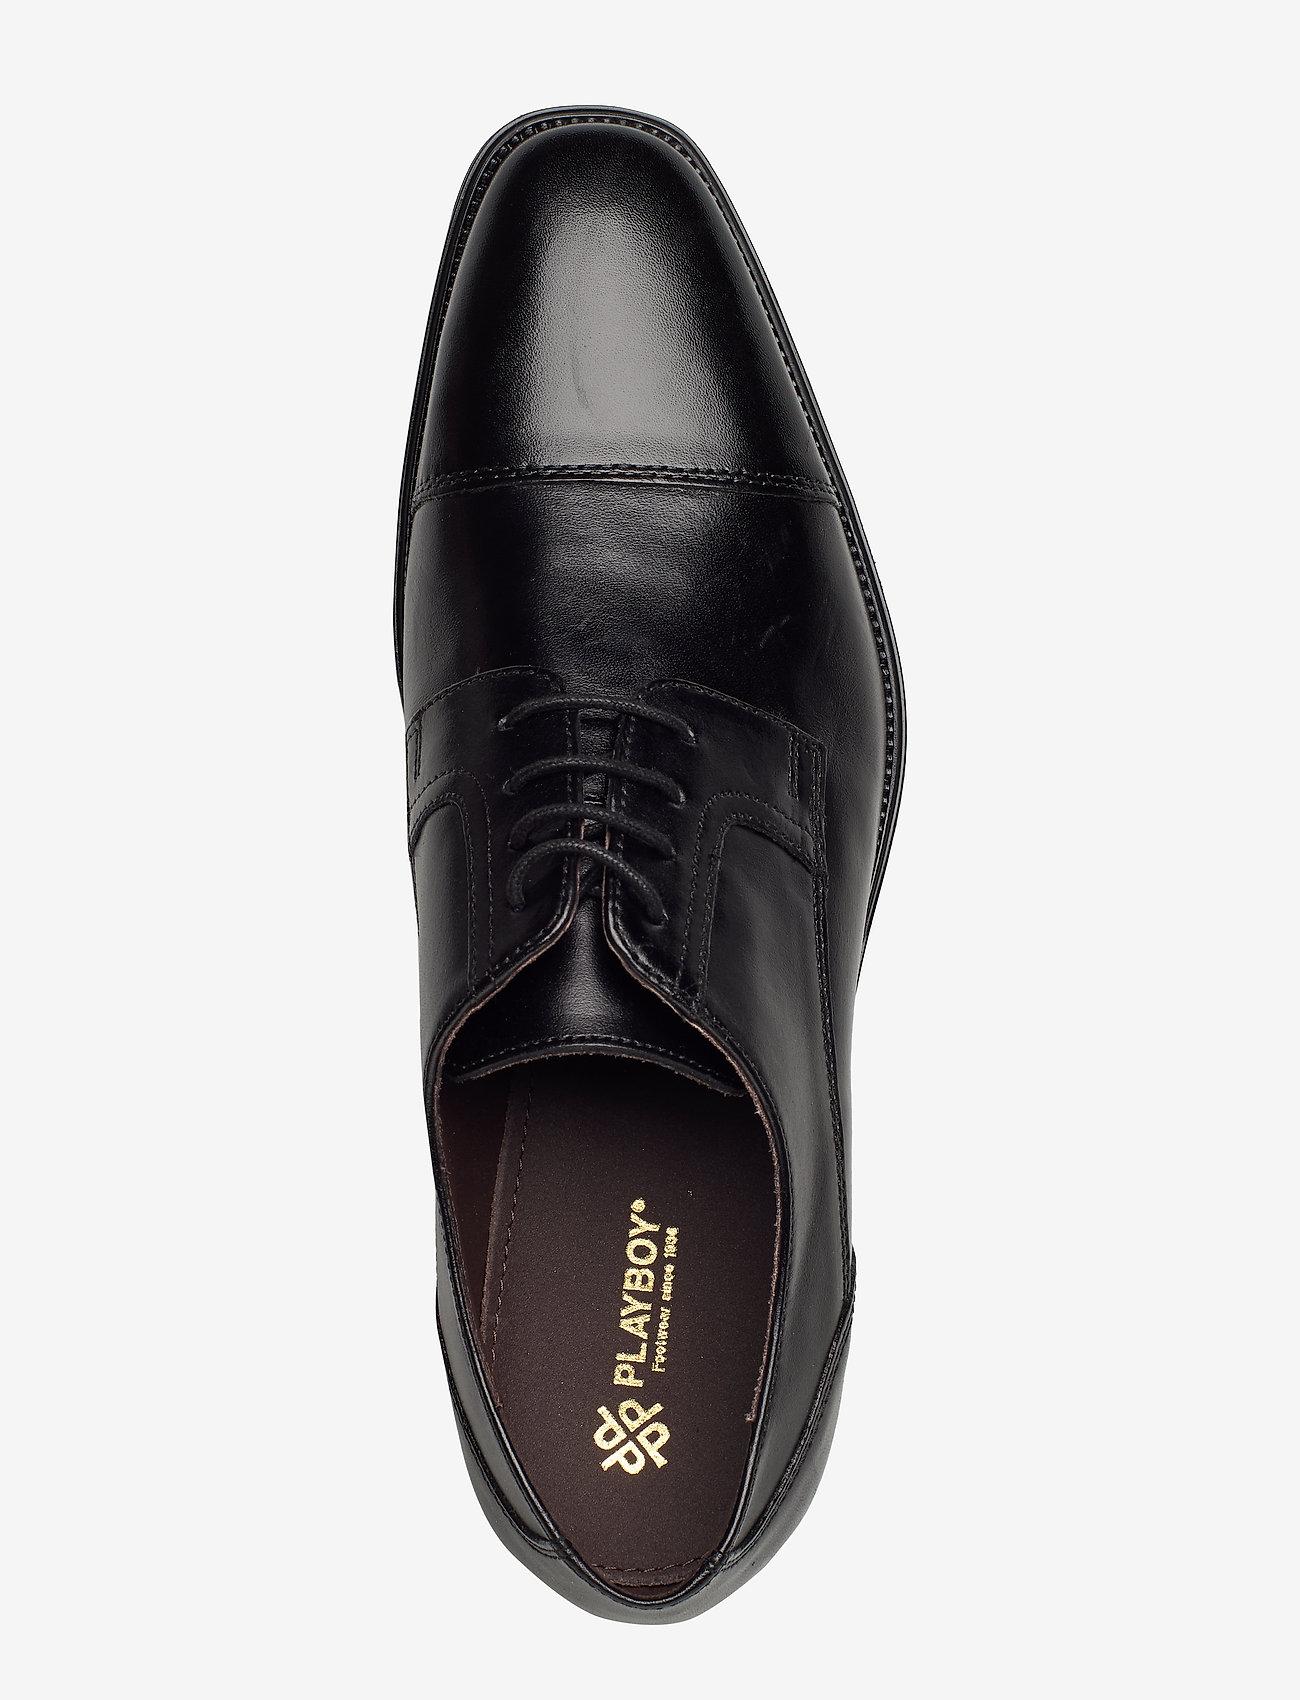 6519 (Black) - Playboy Footwear chmVDe